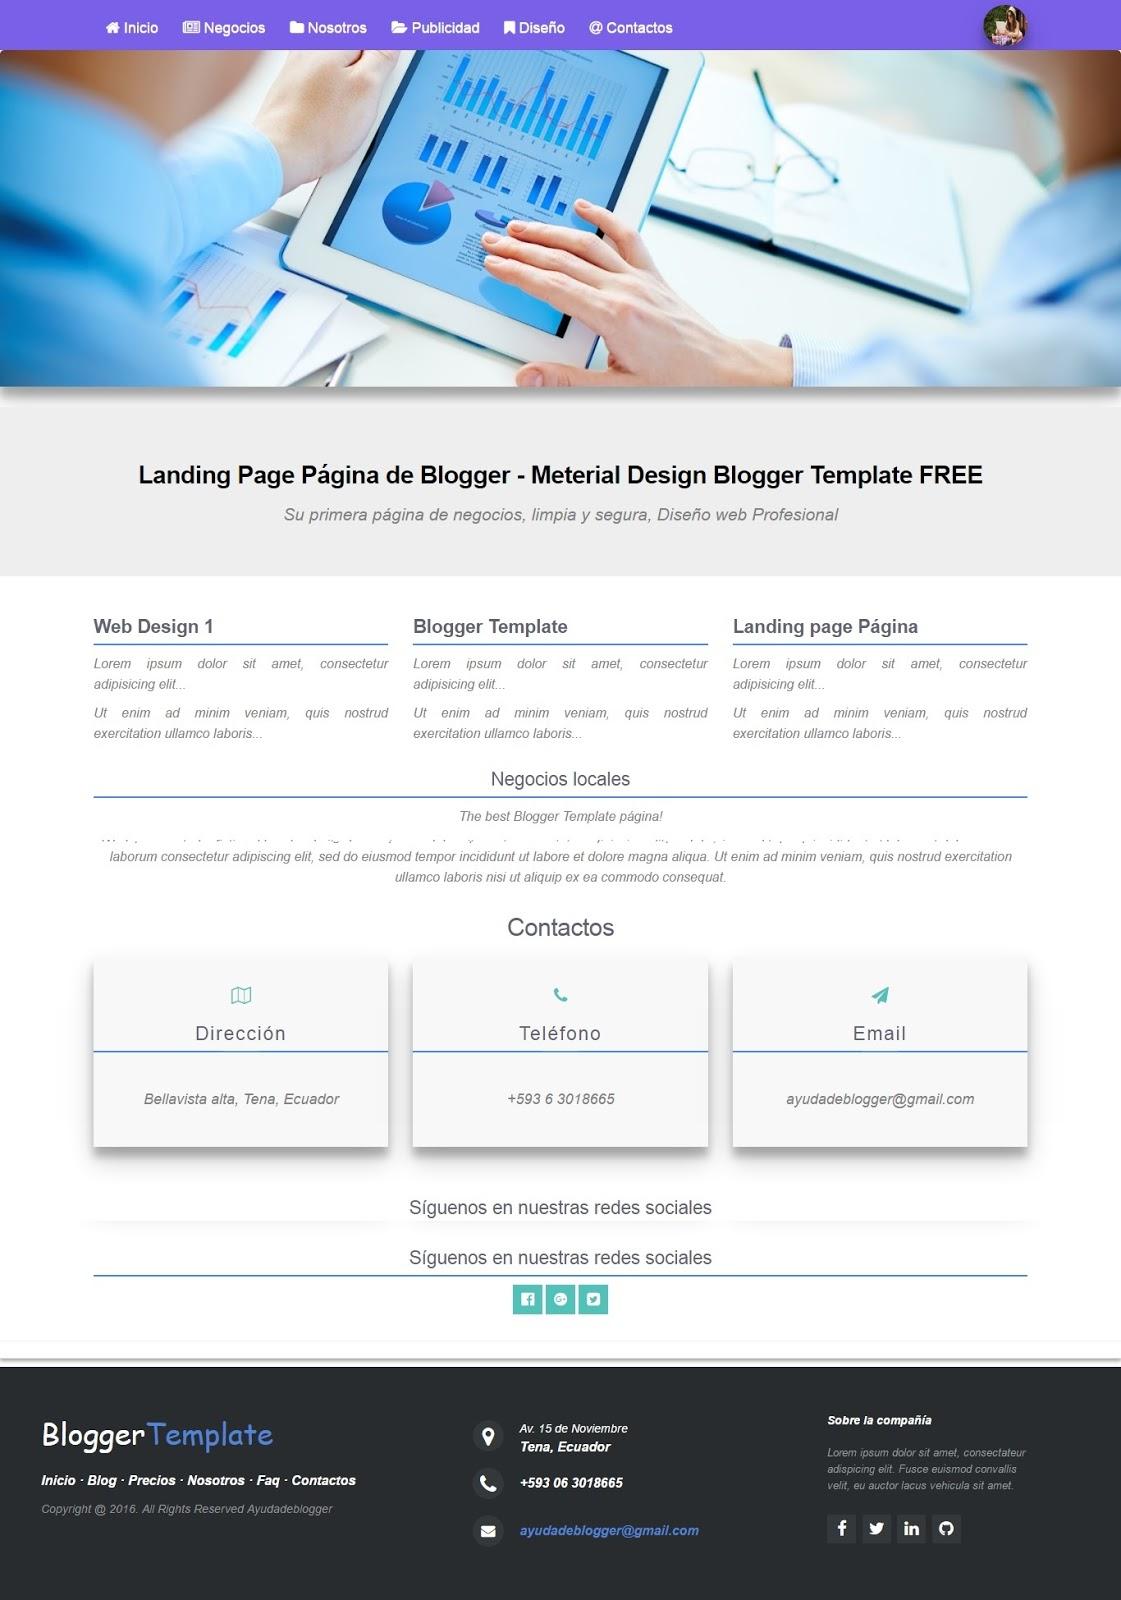 ¿Cómo crear una Landing page en una página de Blogger?